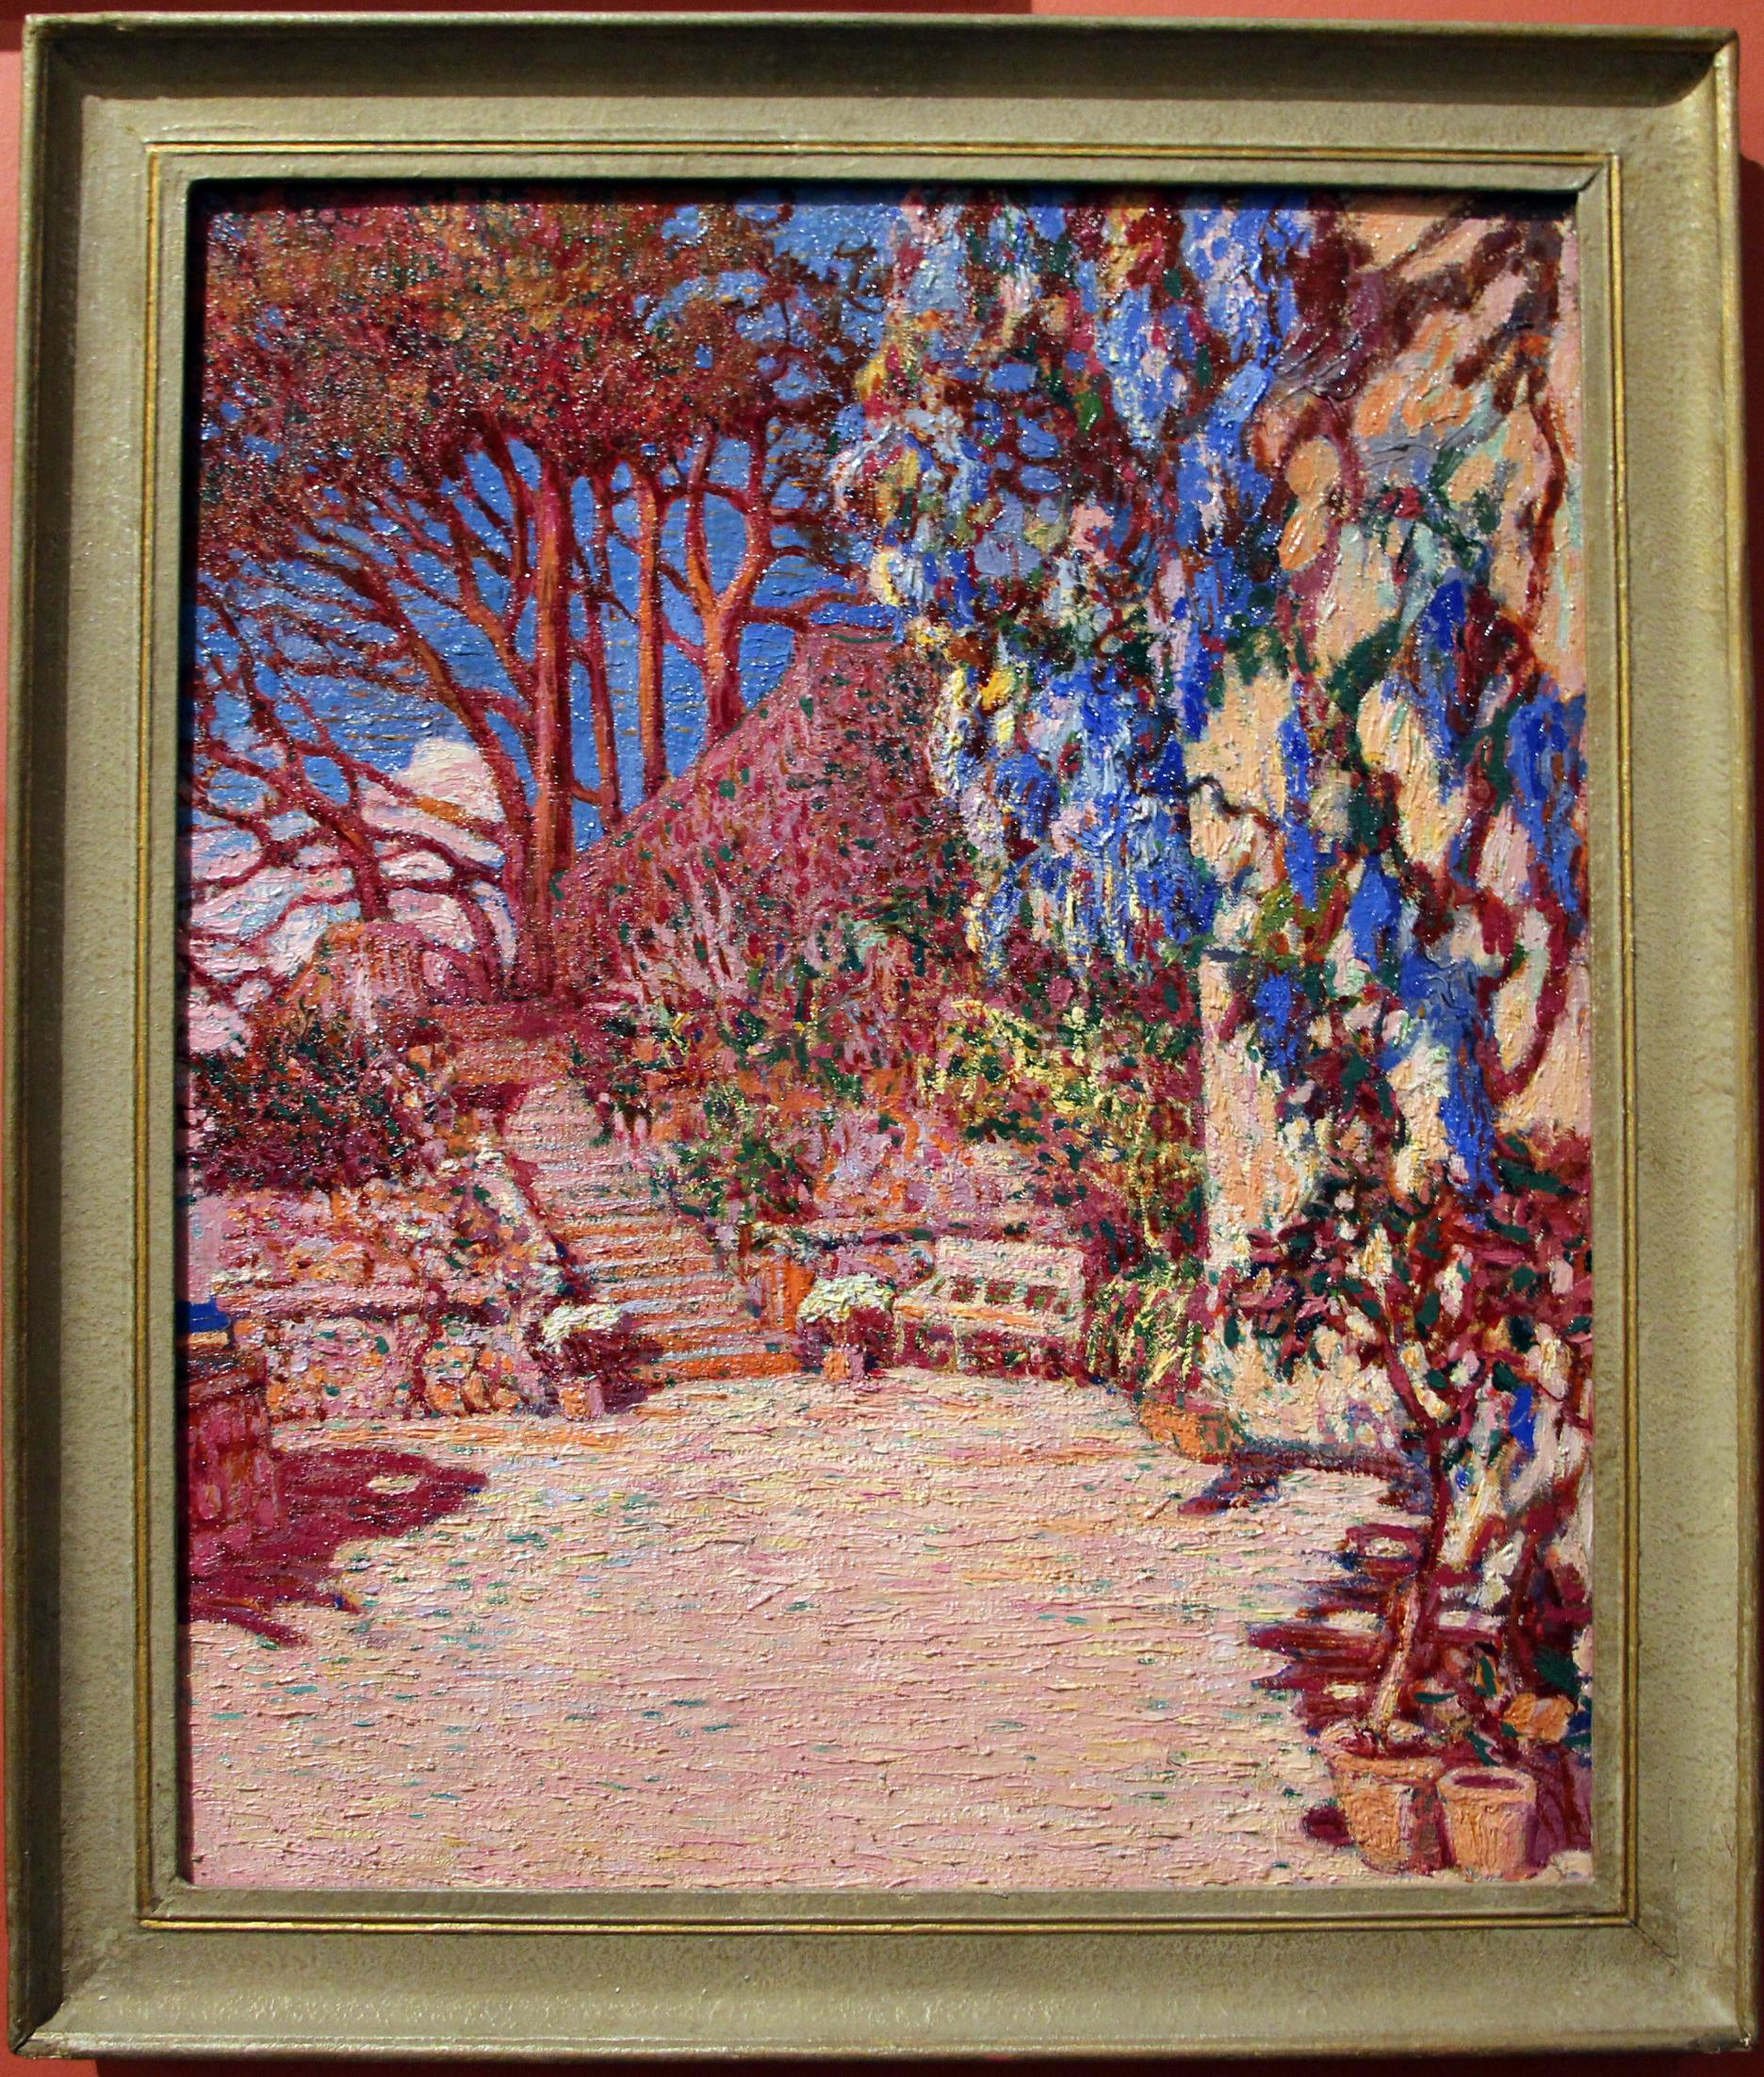 File:Rubaldo merello, terrazza fiorita o giardino con glicine, 1910 ...